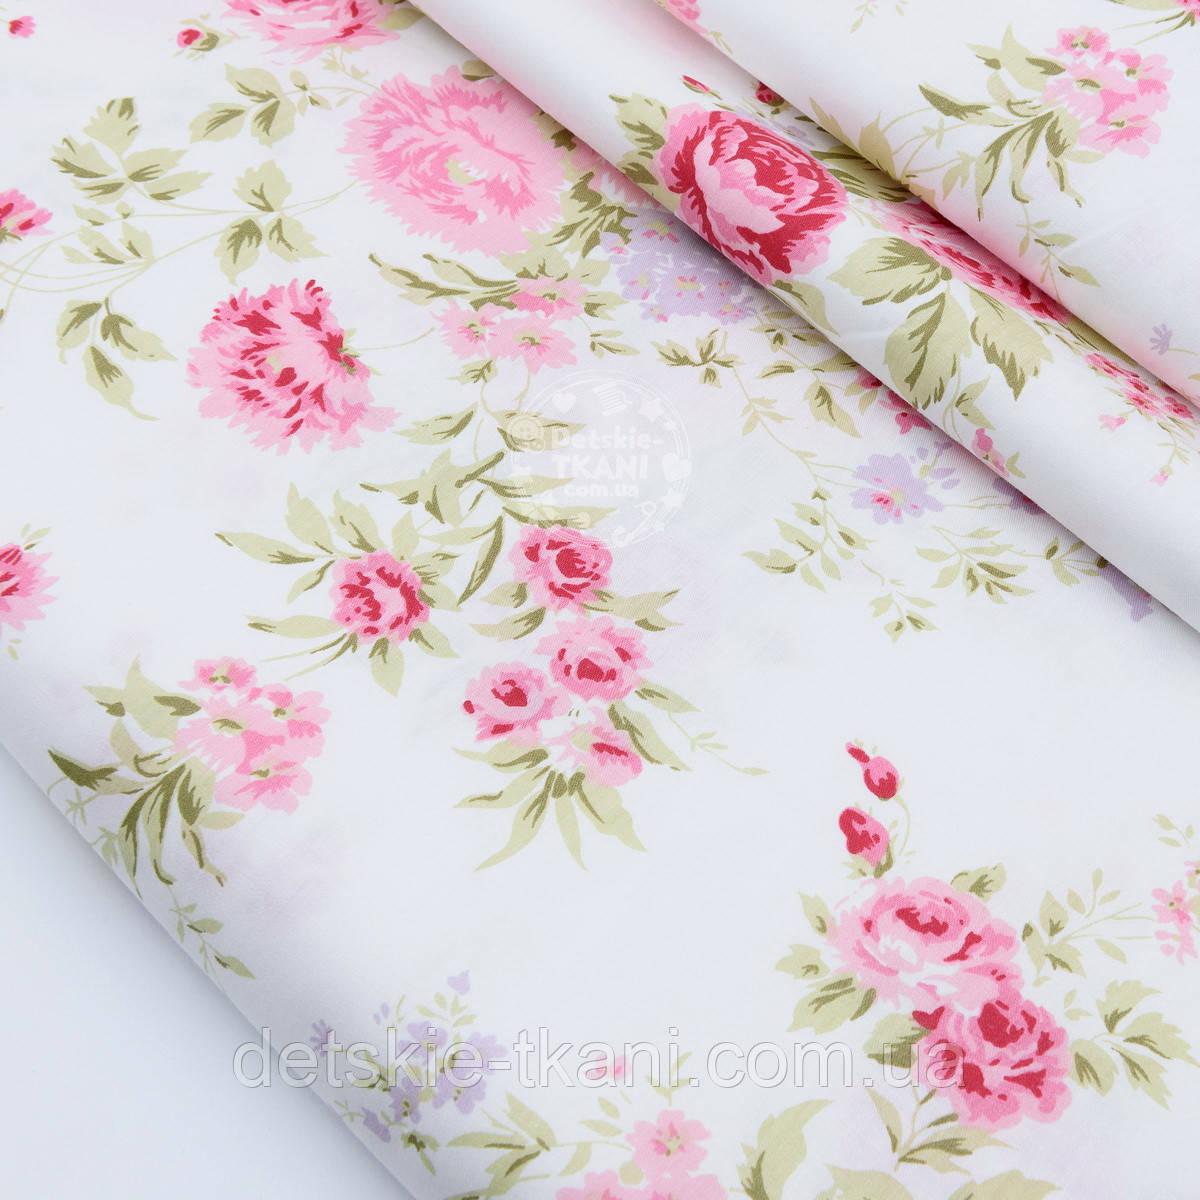 """Сатин ткань """"Розовые пионы и мелкие сиреневые цветочки"""" на белом фоне, №1739с"""